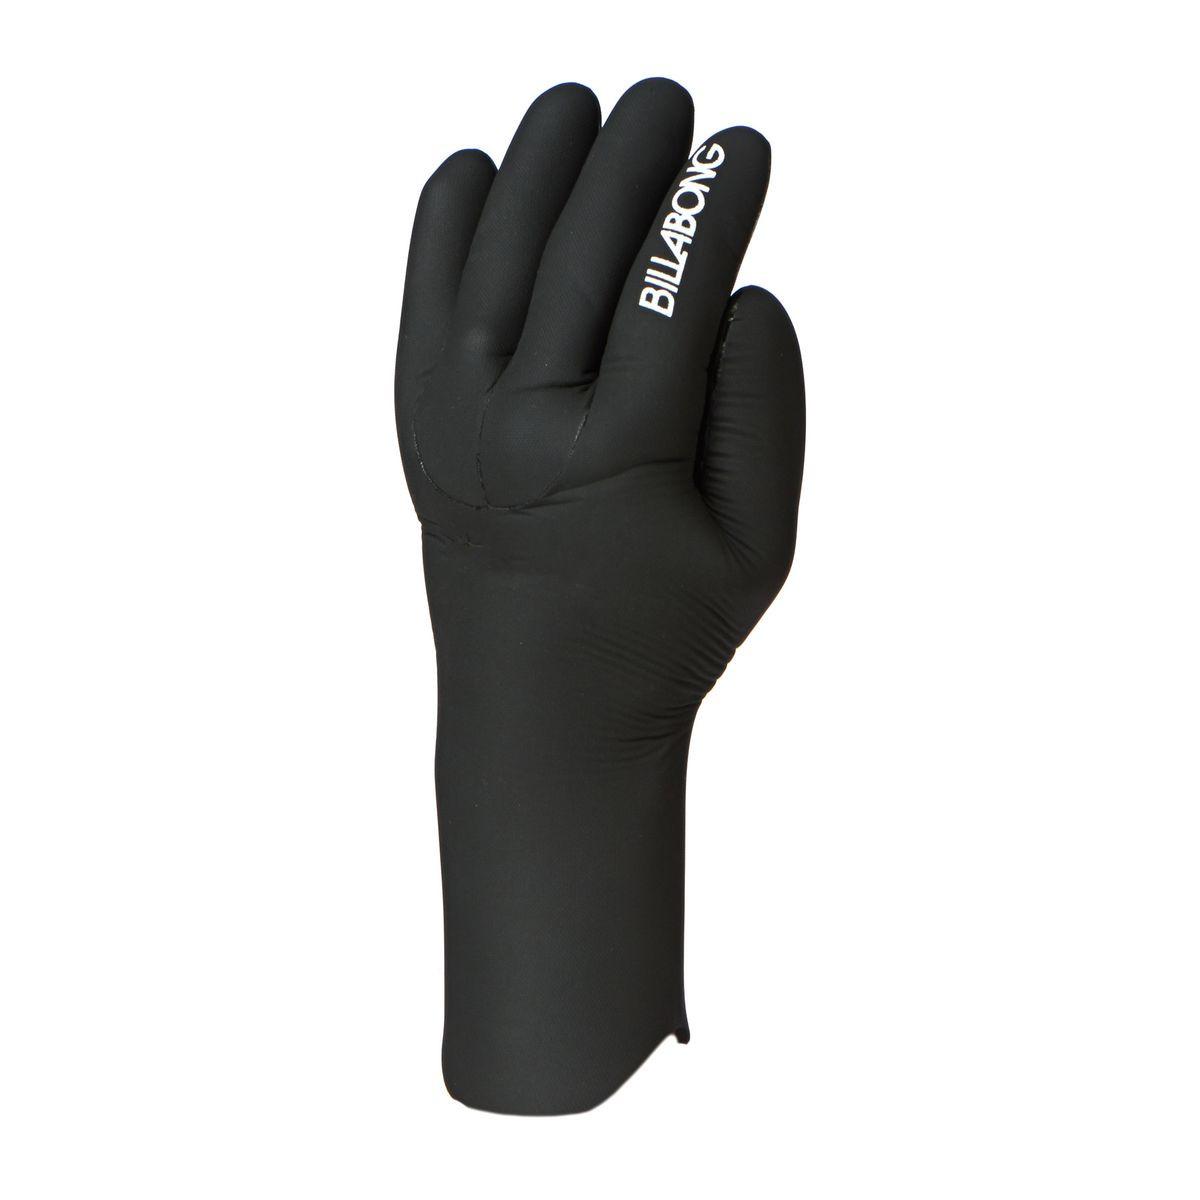 Billabong Foil 5 Finger Wetsuit Gloves - 4mm